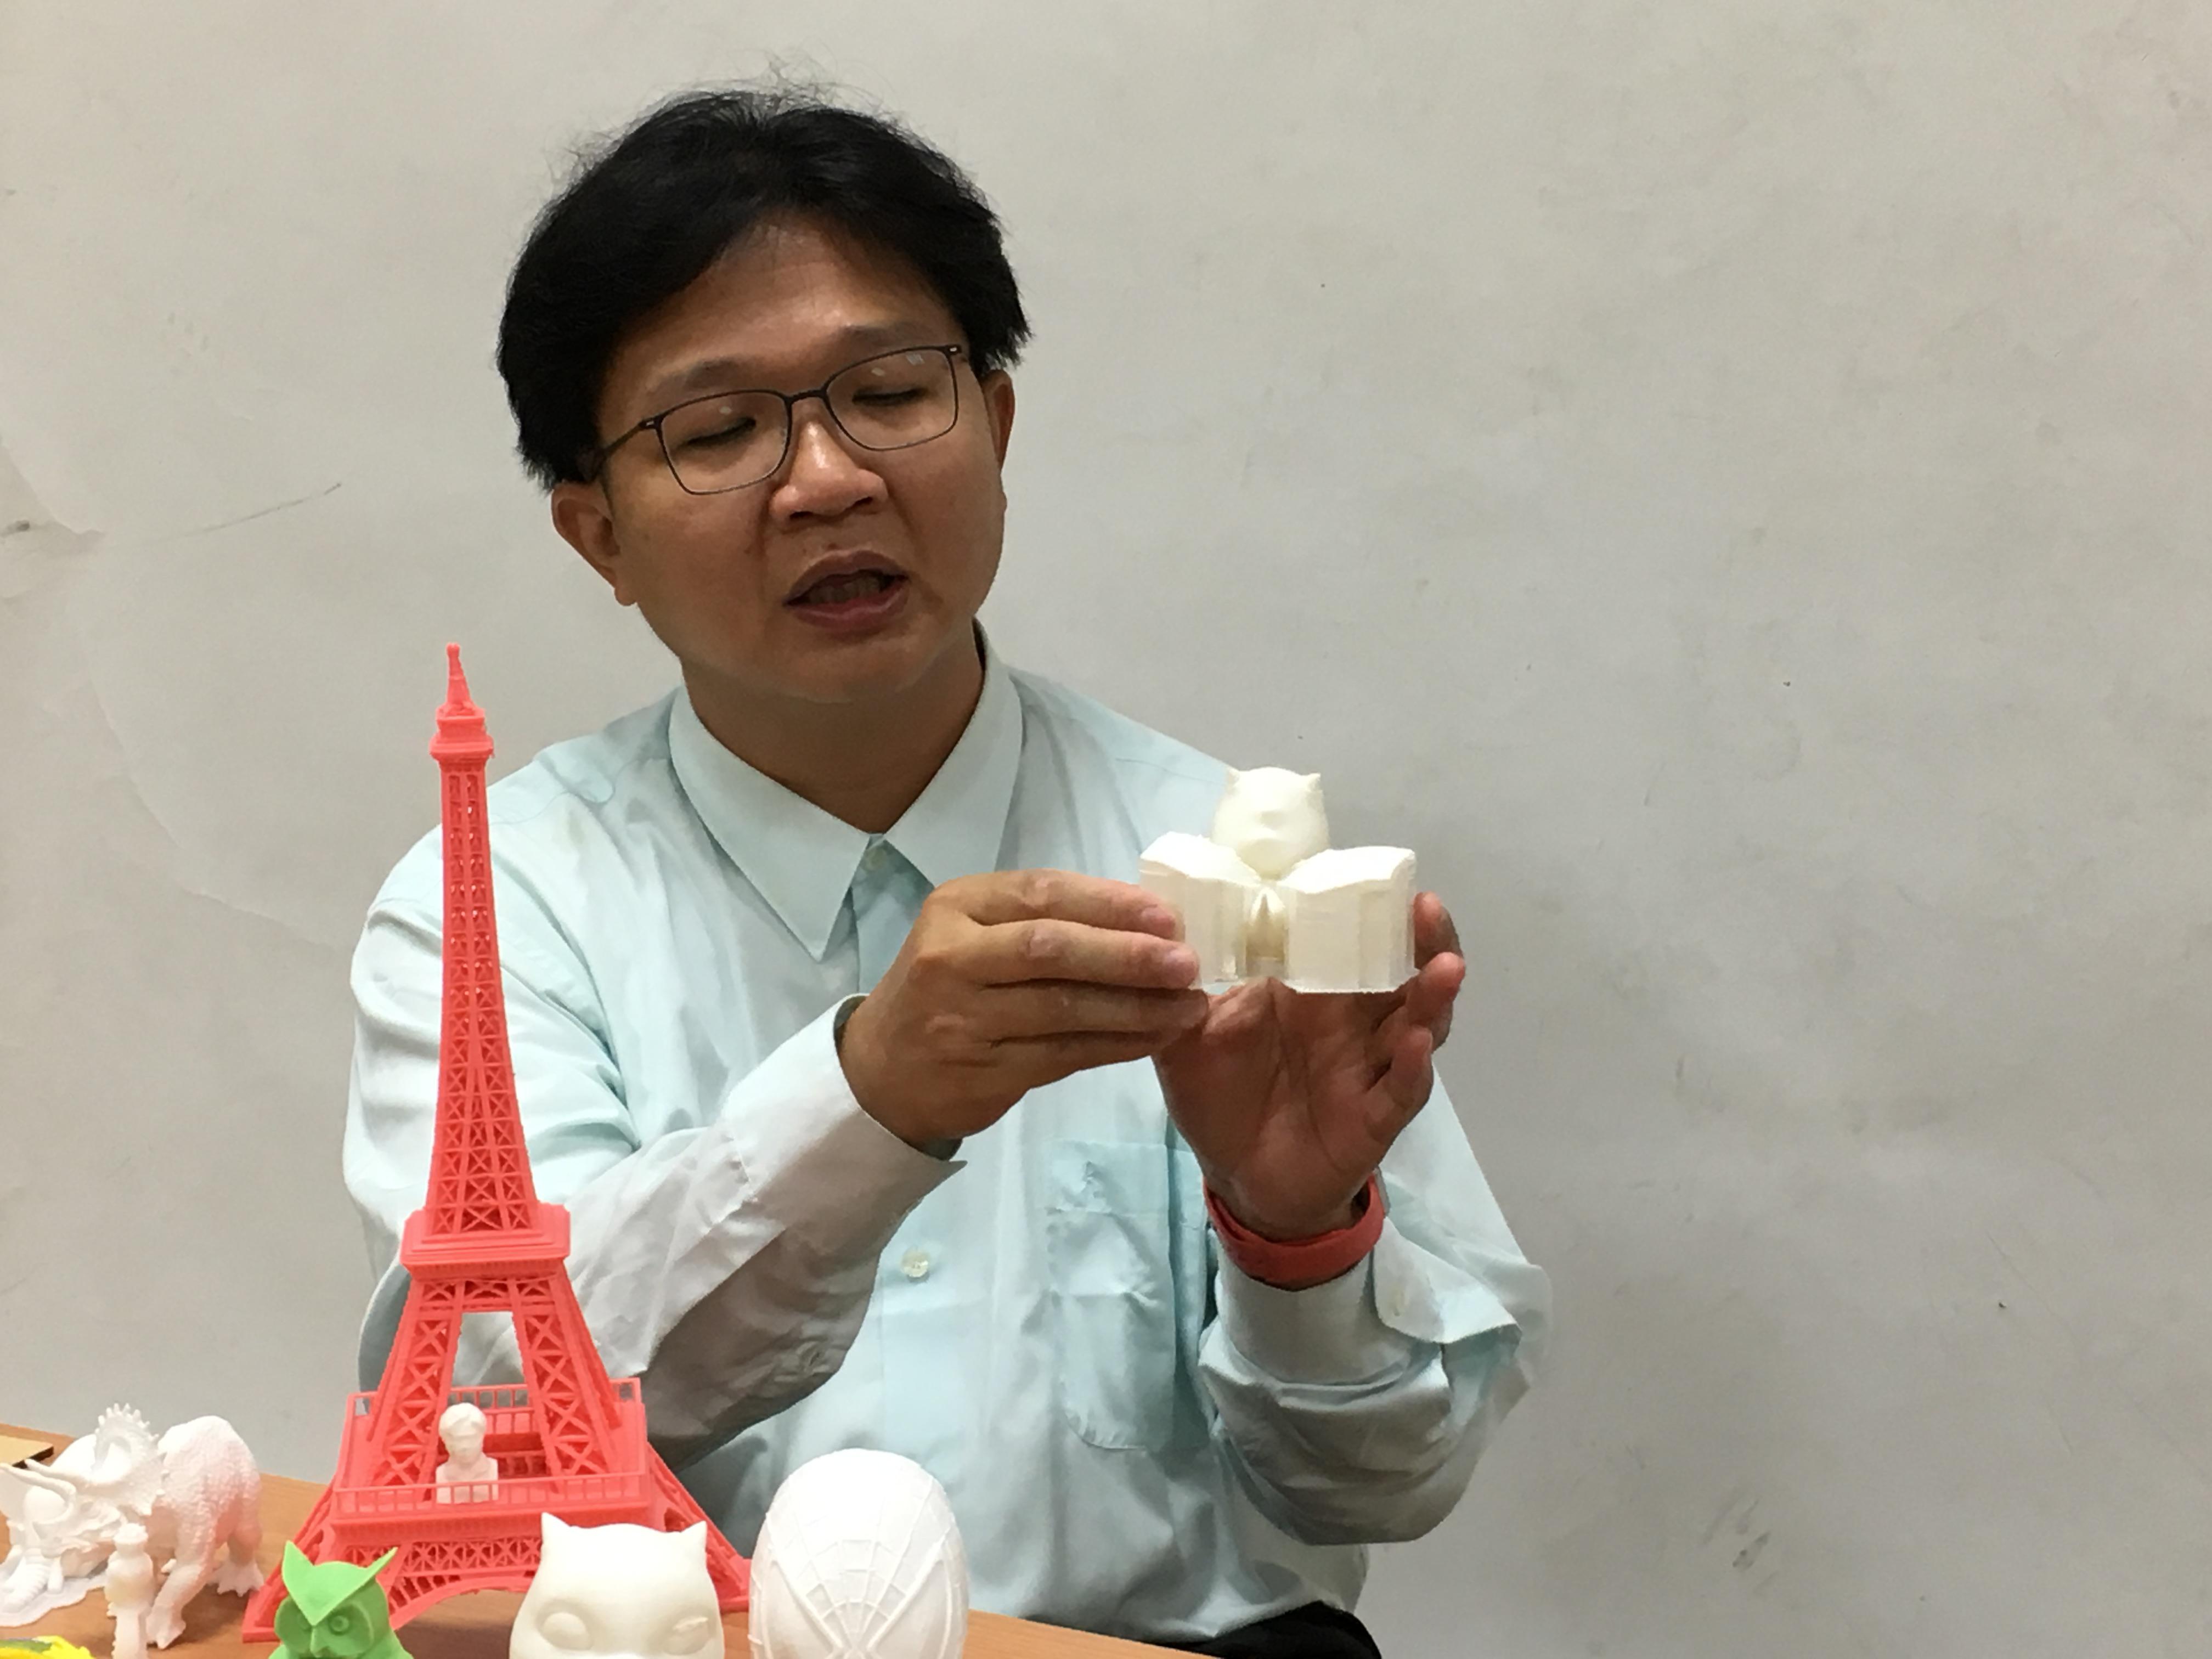 陳俊廷助理教授興奮的與大家分享所製作的3D列印模型。攝影/陳家柔